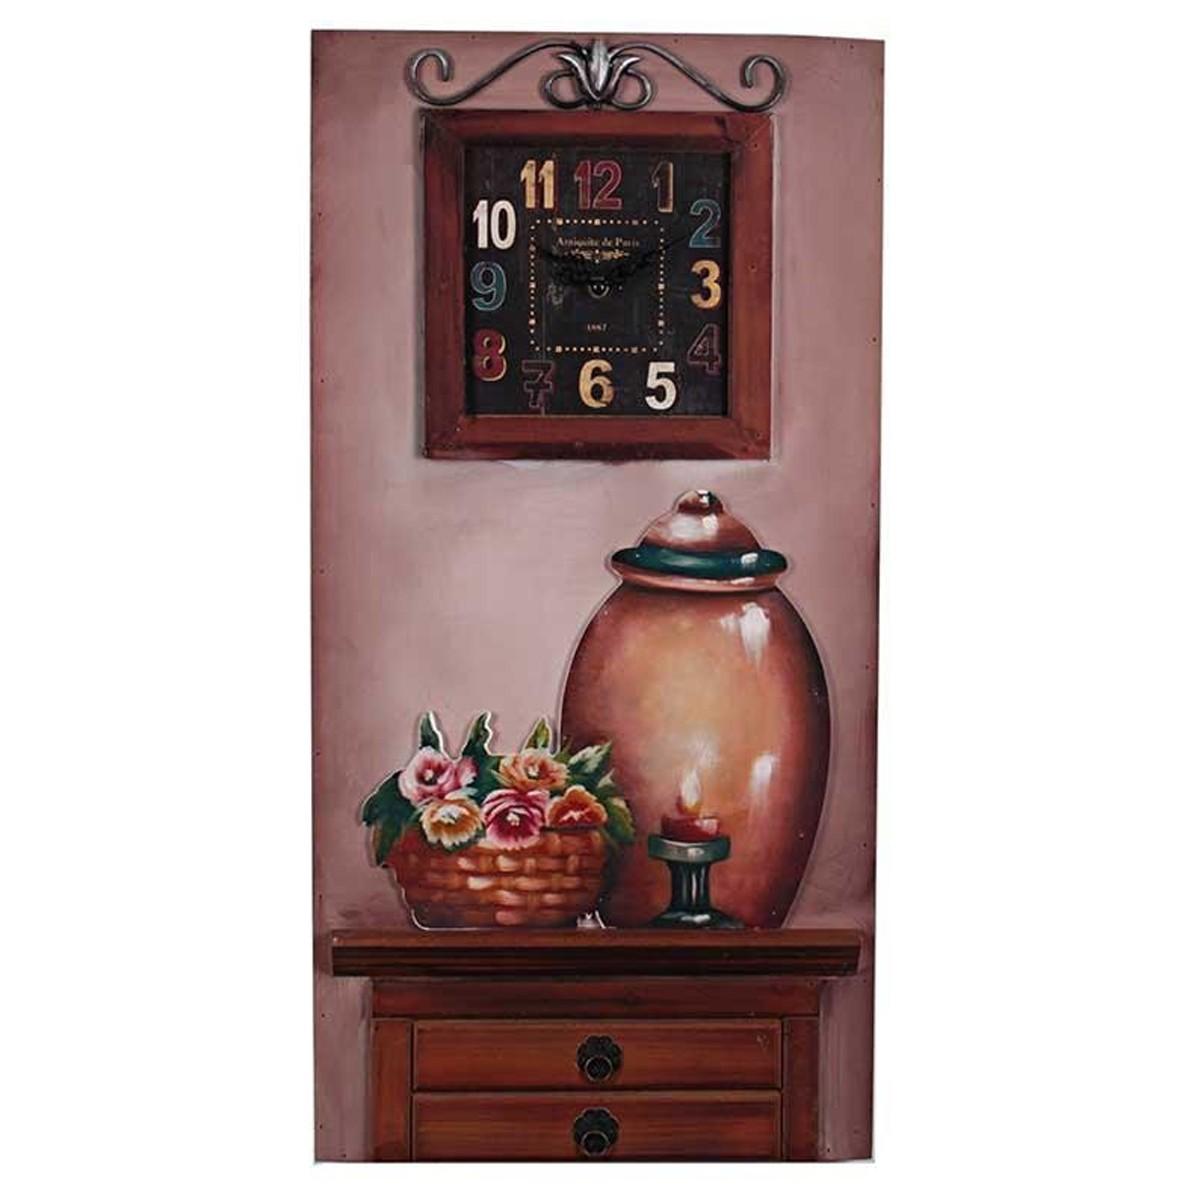 Ρολόι Τοίχου - Πίνακας InArt 3-20-440-0001